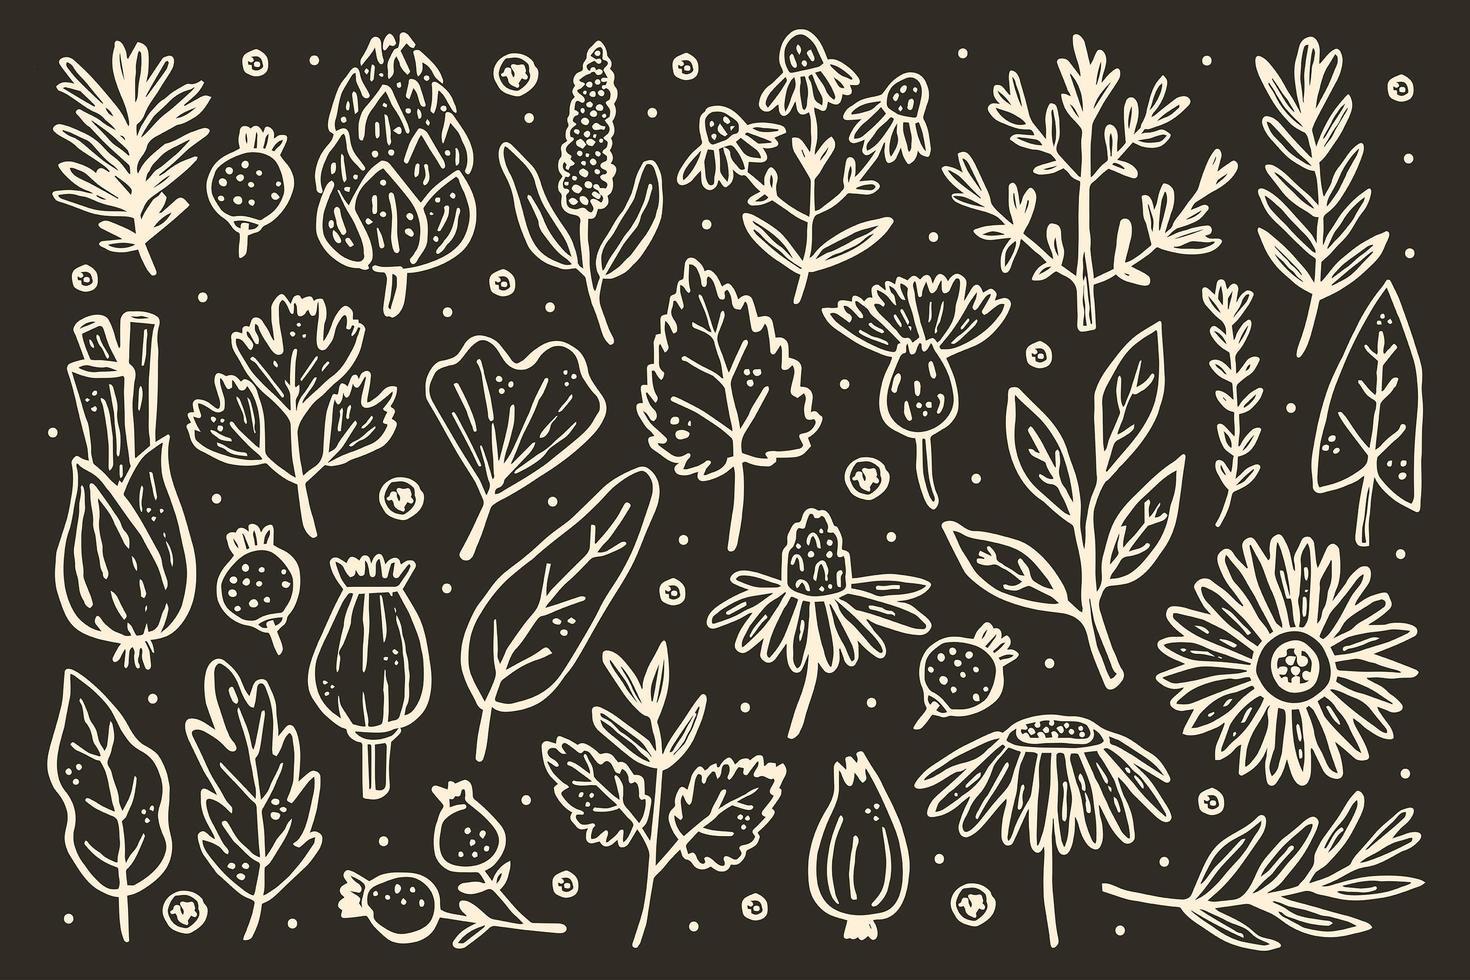 gran conjunto de hierbas. plantas forestales. flor, rama, hoja, lúpulo, cono. vector